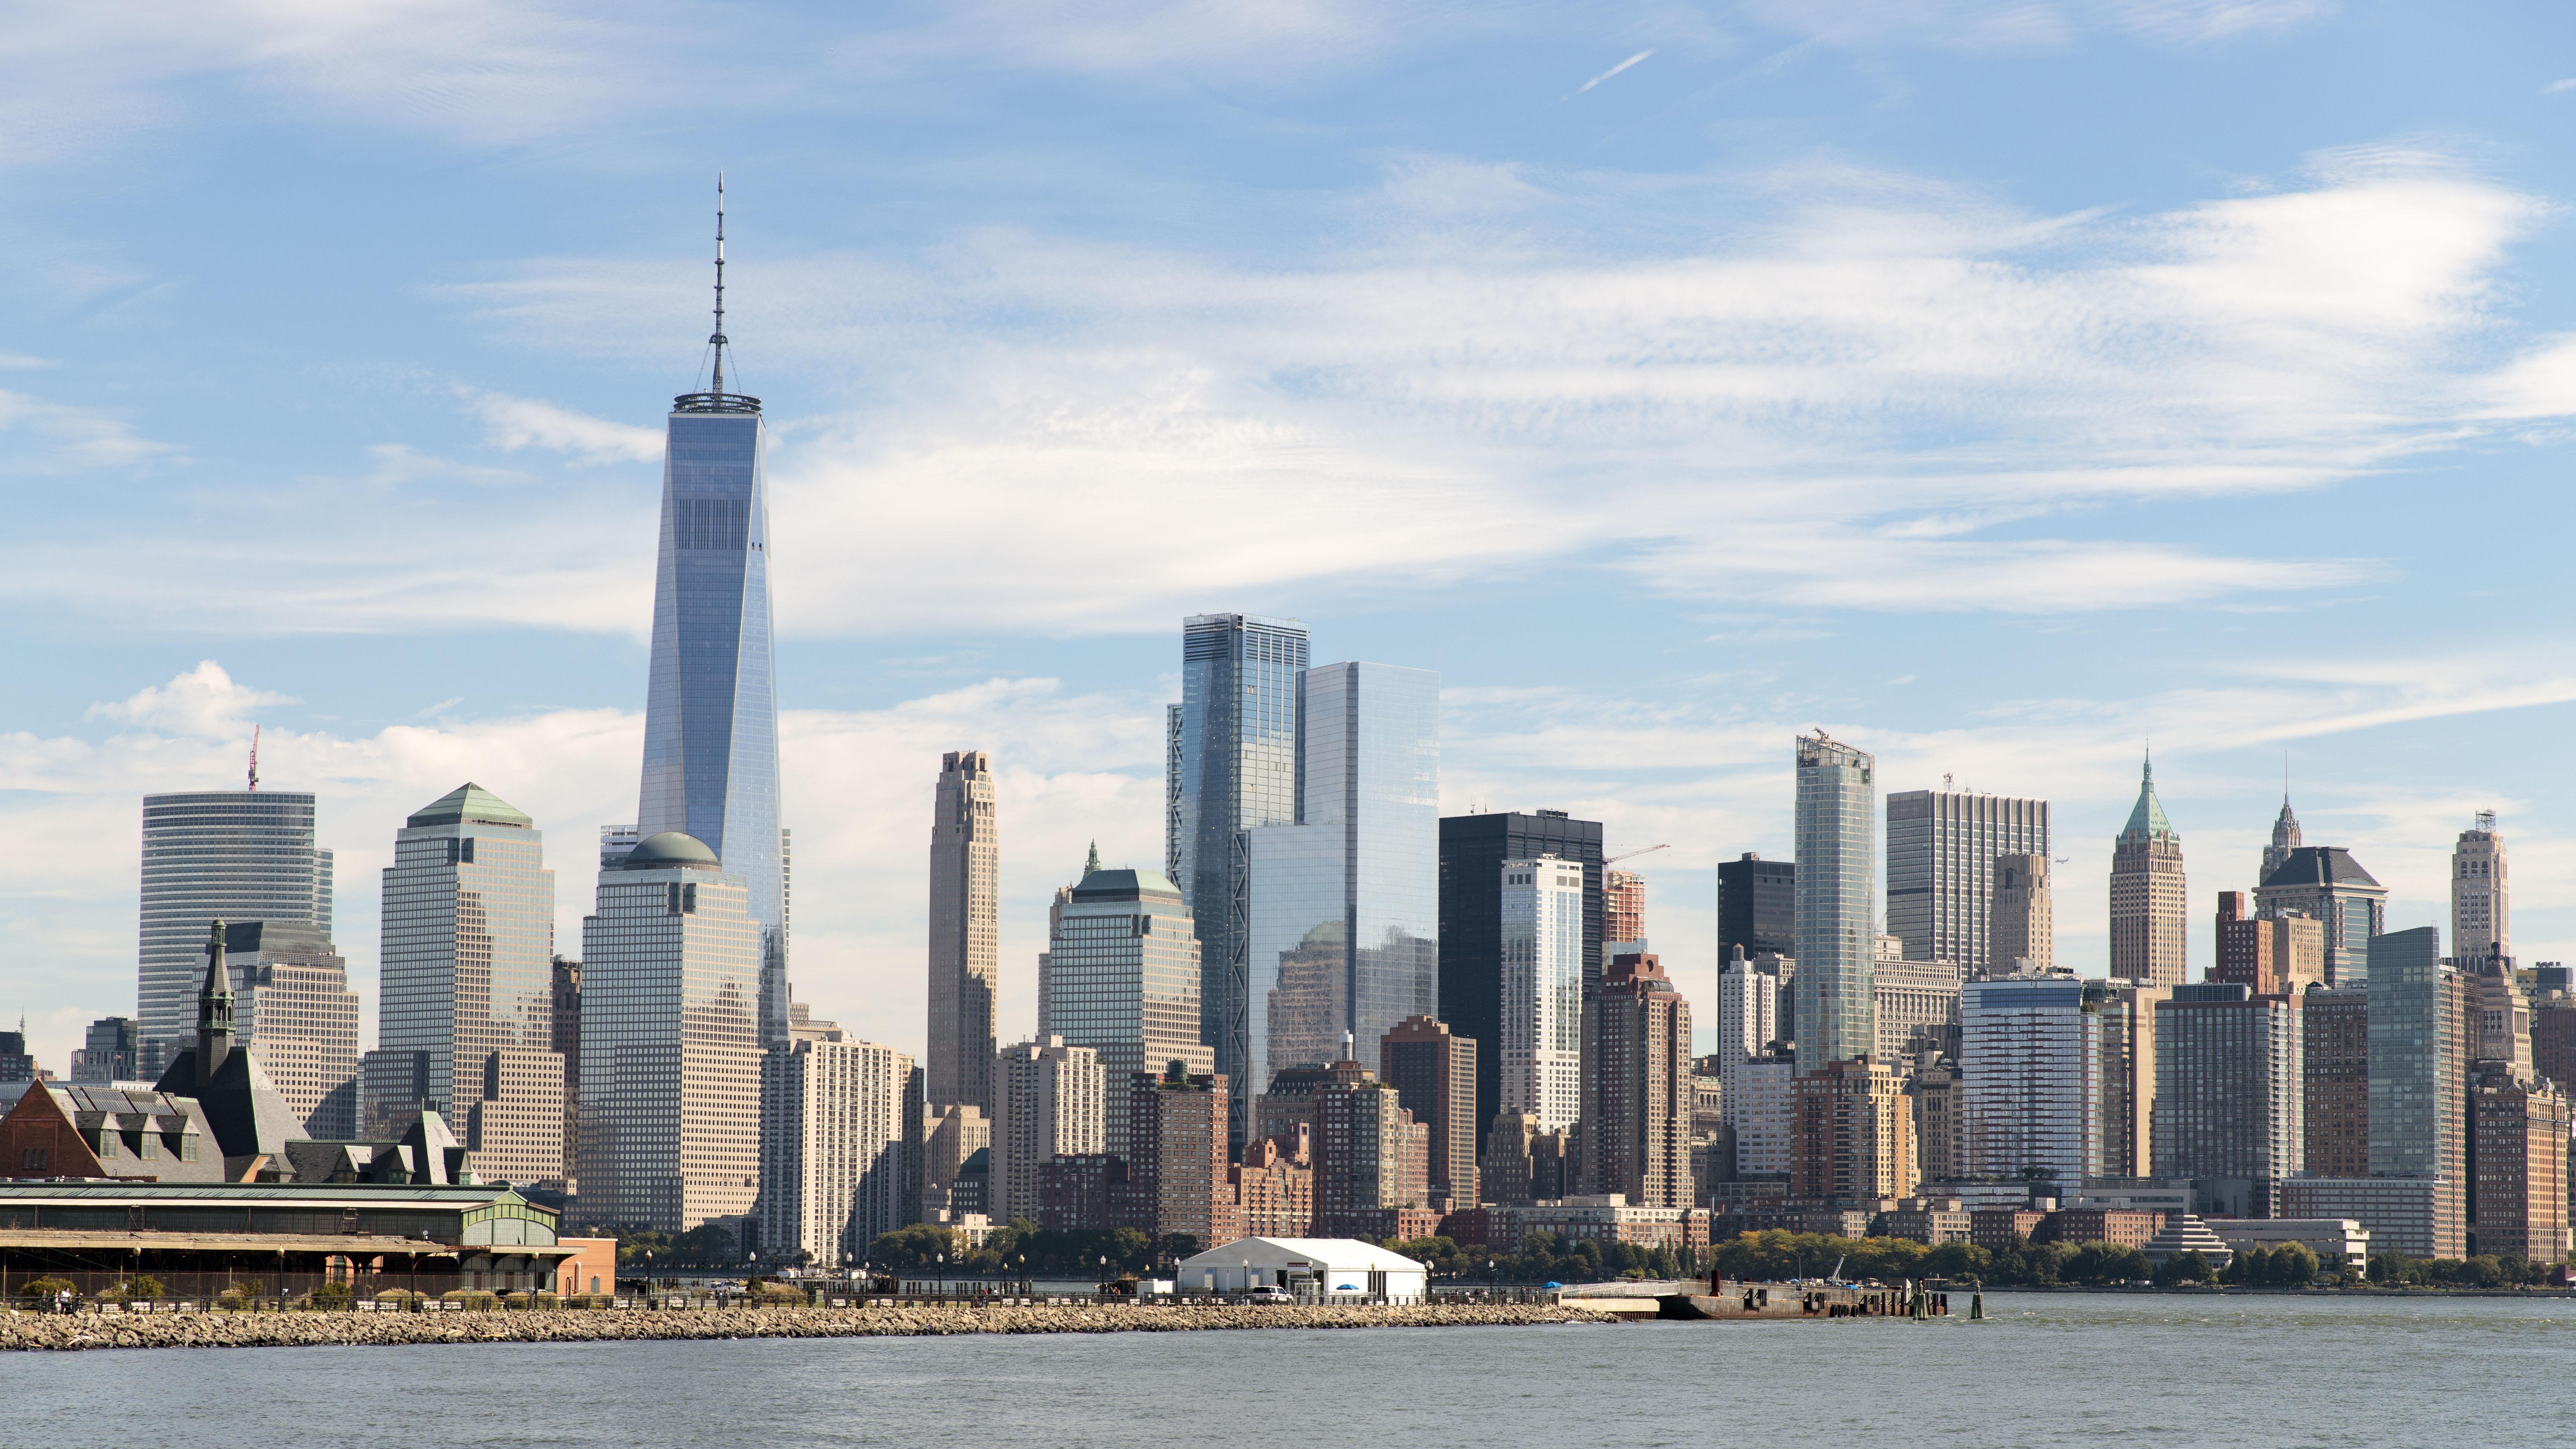 74014壁紙のダウンロード市, 都市, 高層ビル, 高 層 ビル, 建物, 海, アーキテクチャ-スクリーンセーバーと写真を無料で